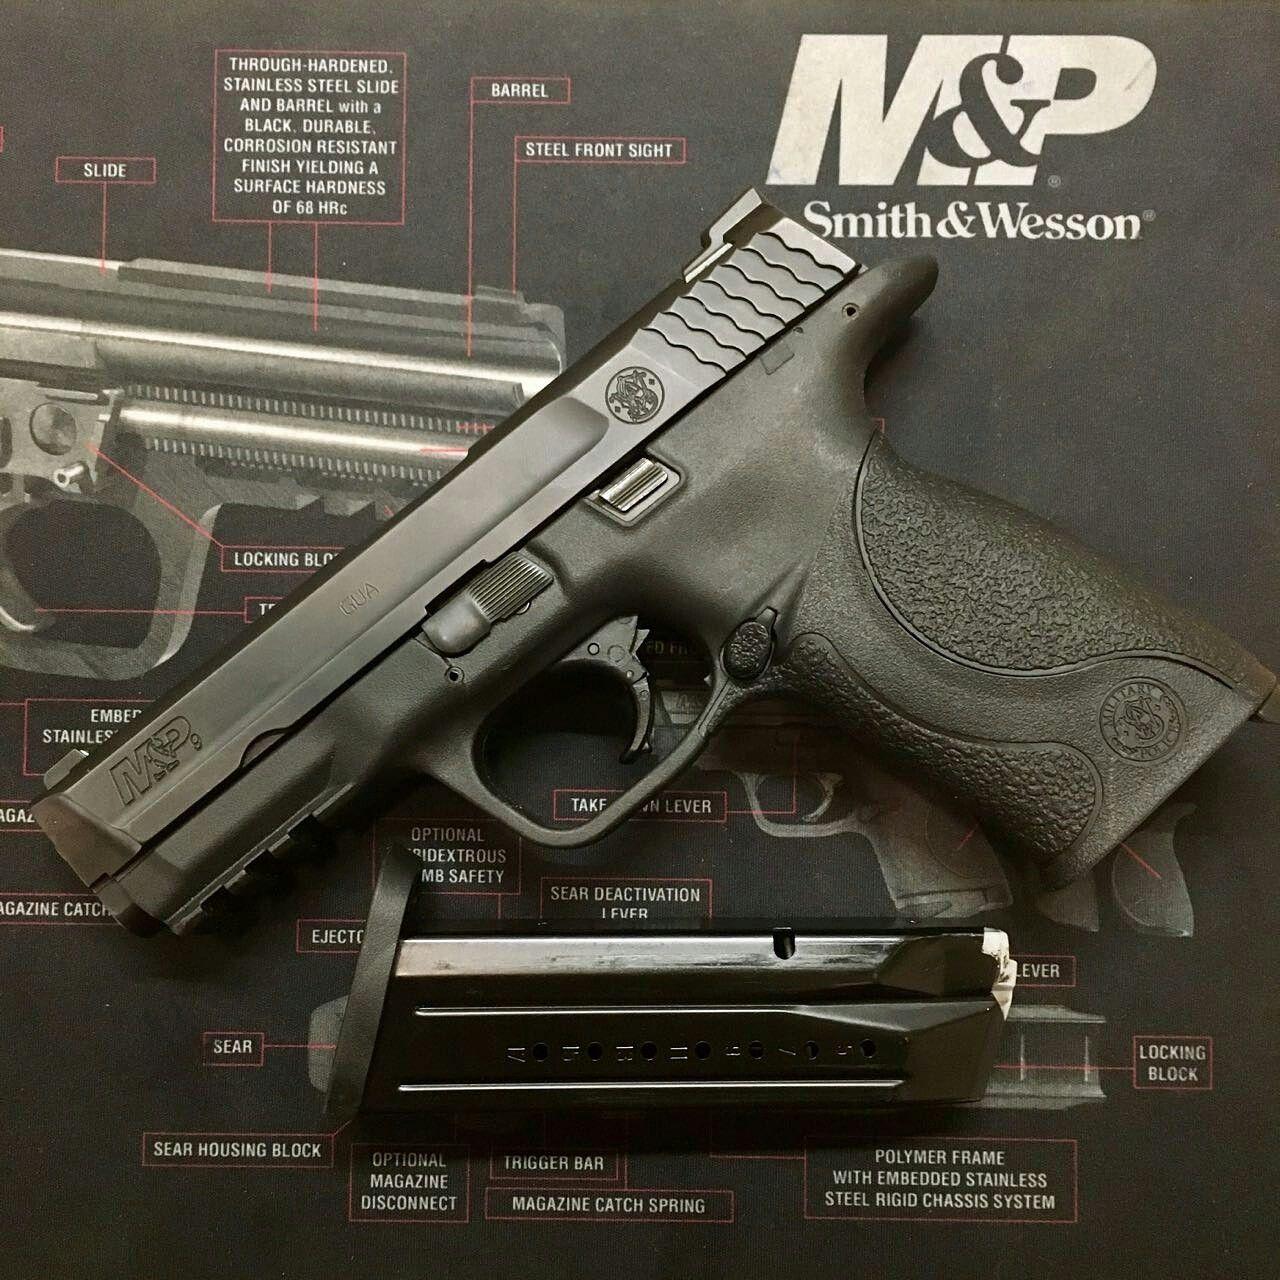 Smith & Wesson M&P cal 9 mm Fabricada en U.S.A. | de Marco Armas ...